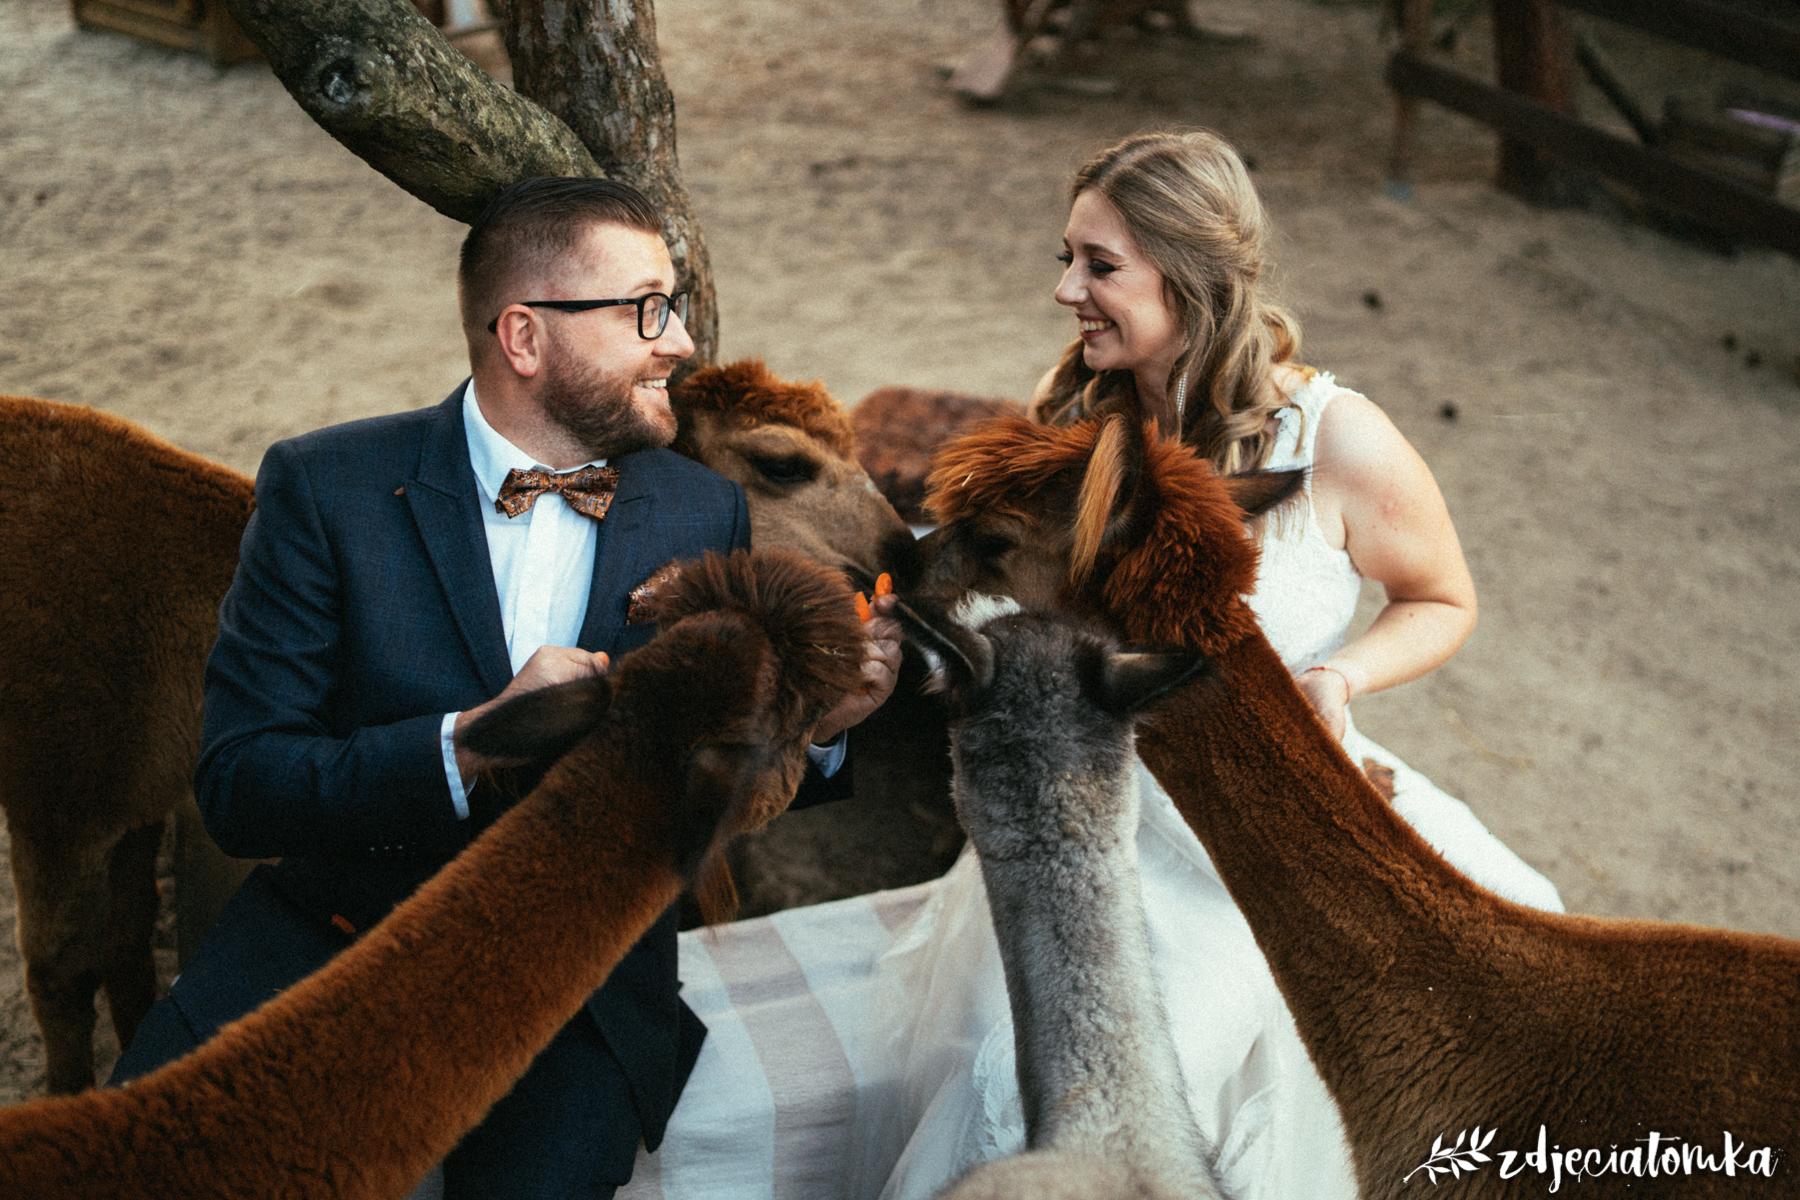 alpaki corazon łomianki pan młody panna młoda sesja plenerowa poślubna bajeczna sesja poślubna z alpakami